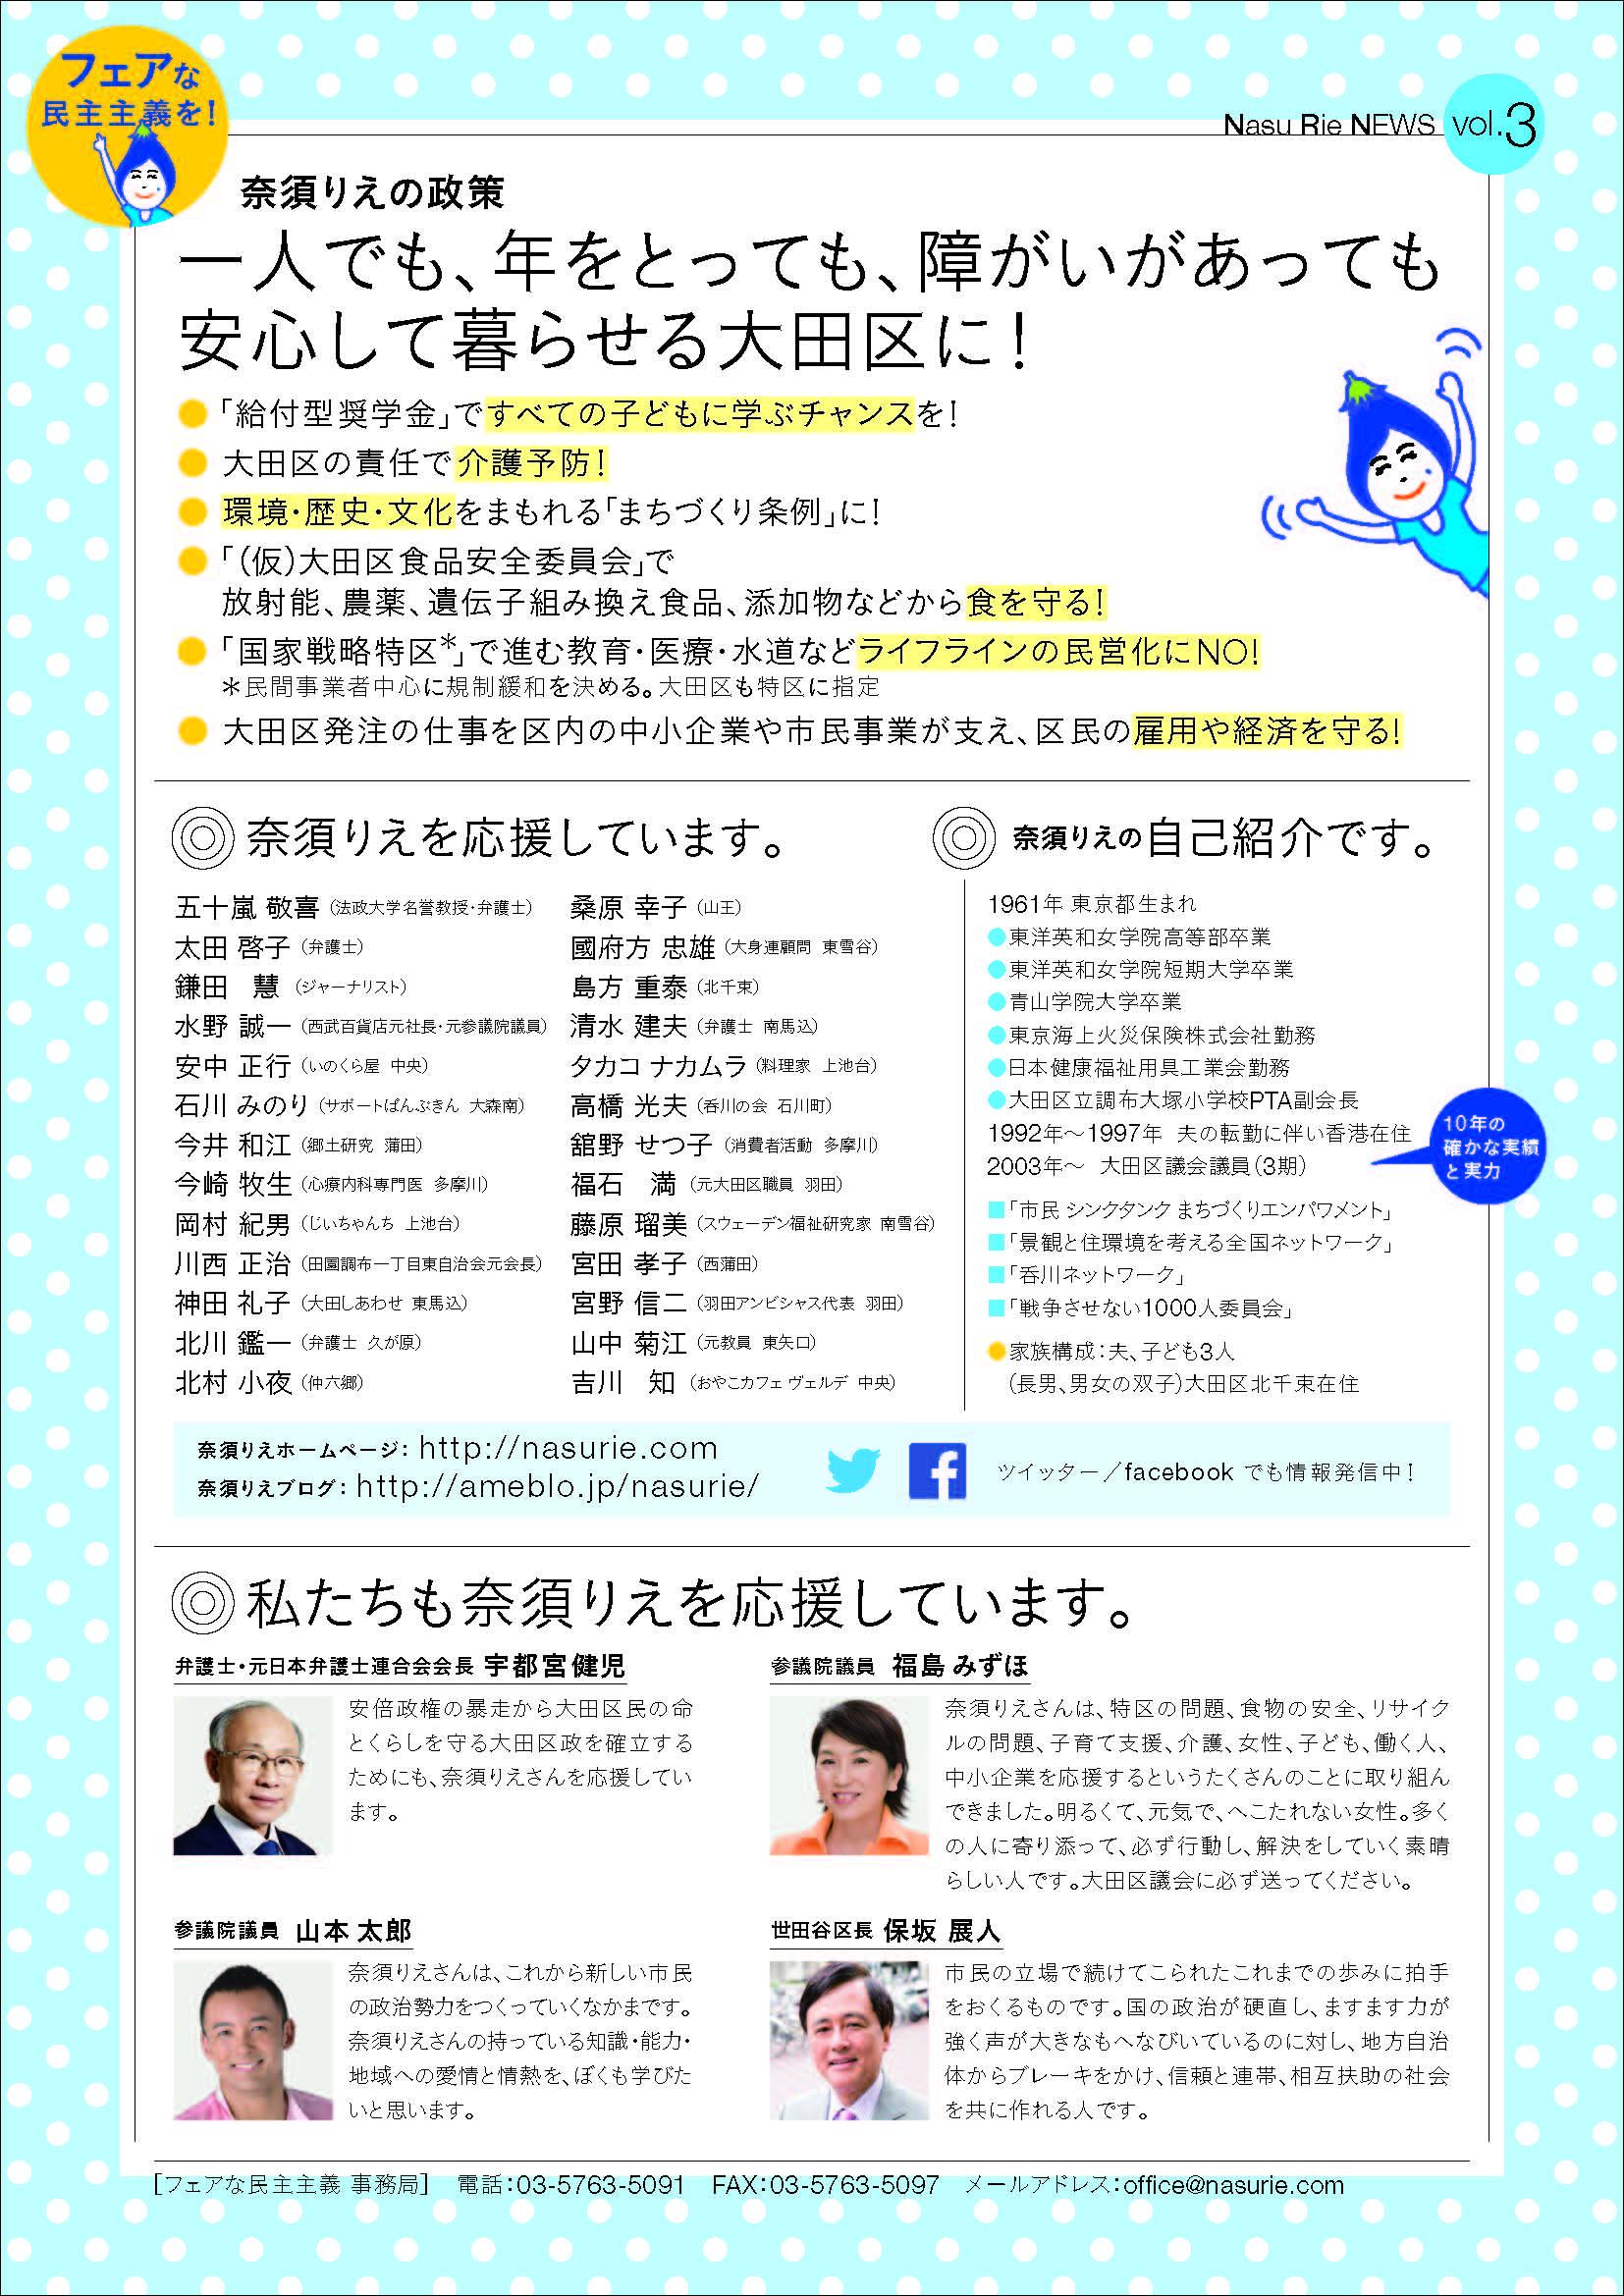 201503奈須News_v03_0311 (1)_ページ_2